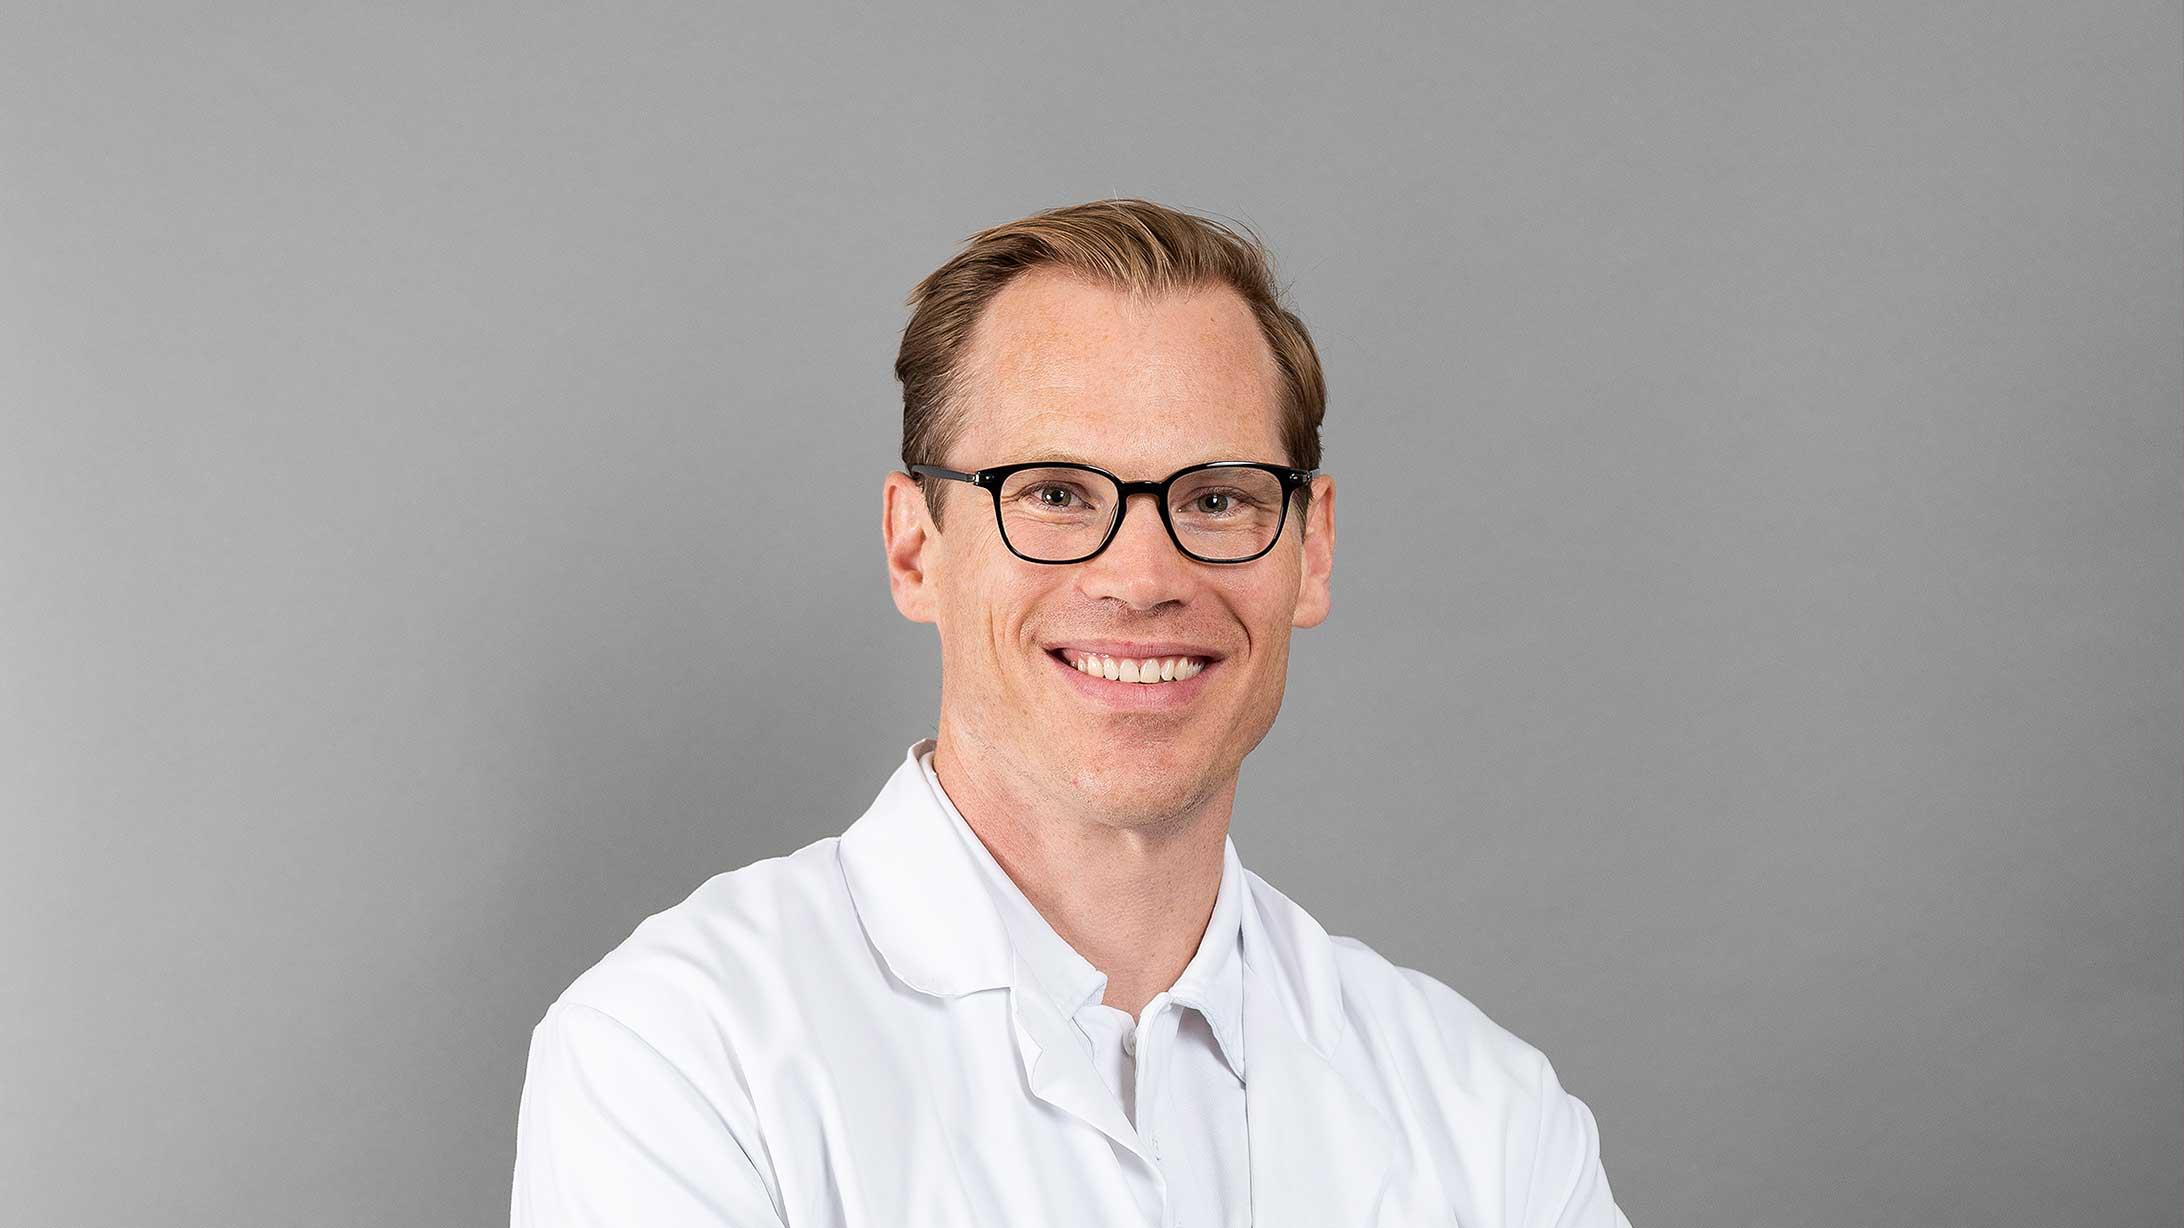 Lukas Hefermehl, Urologe am KSB